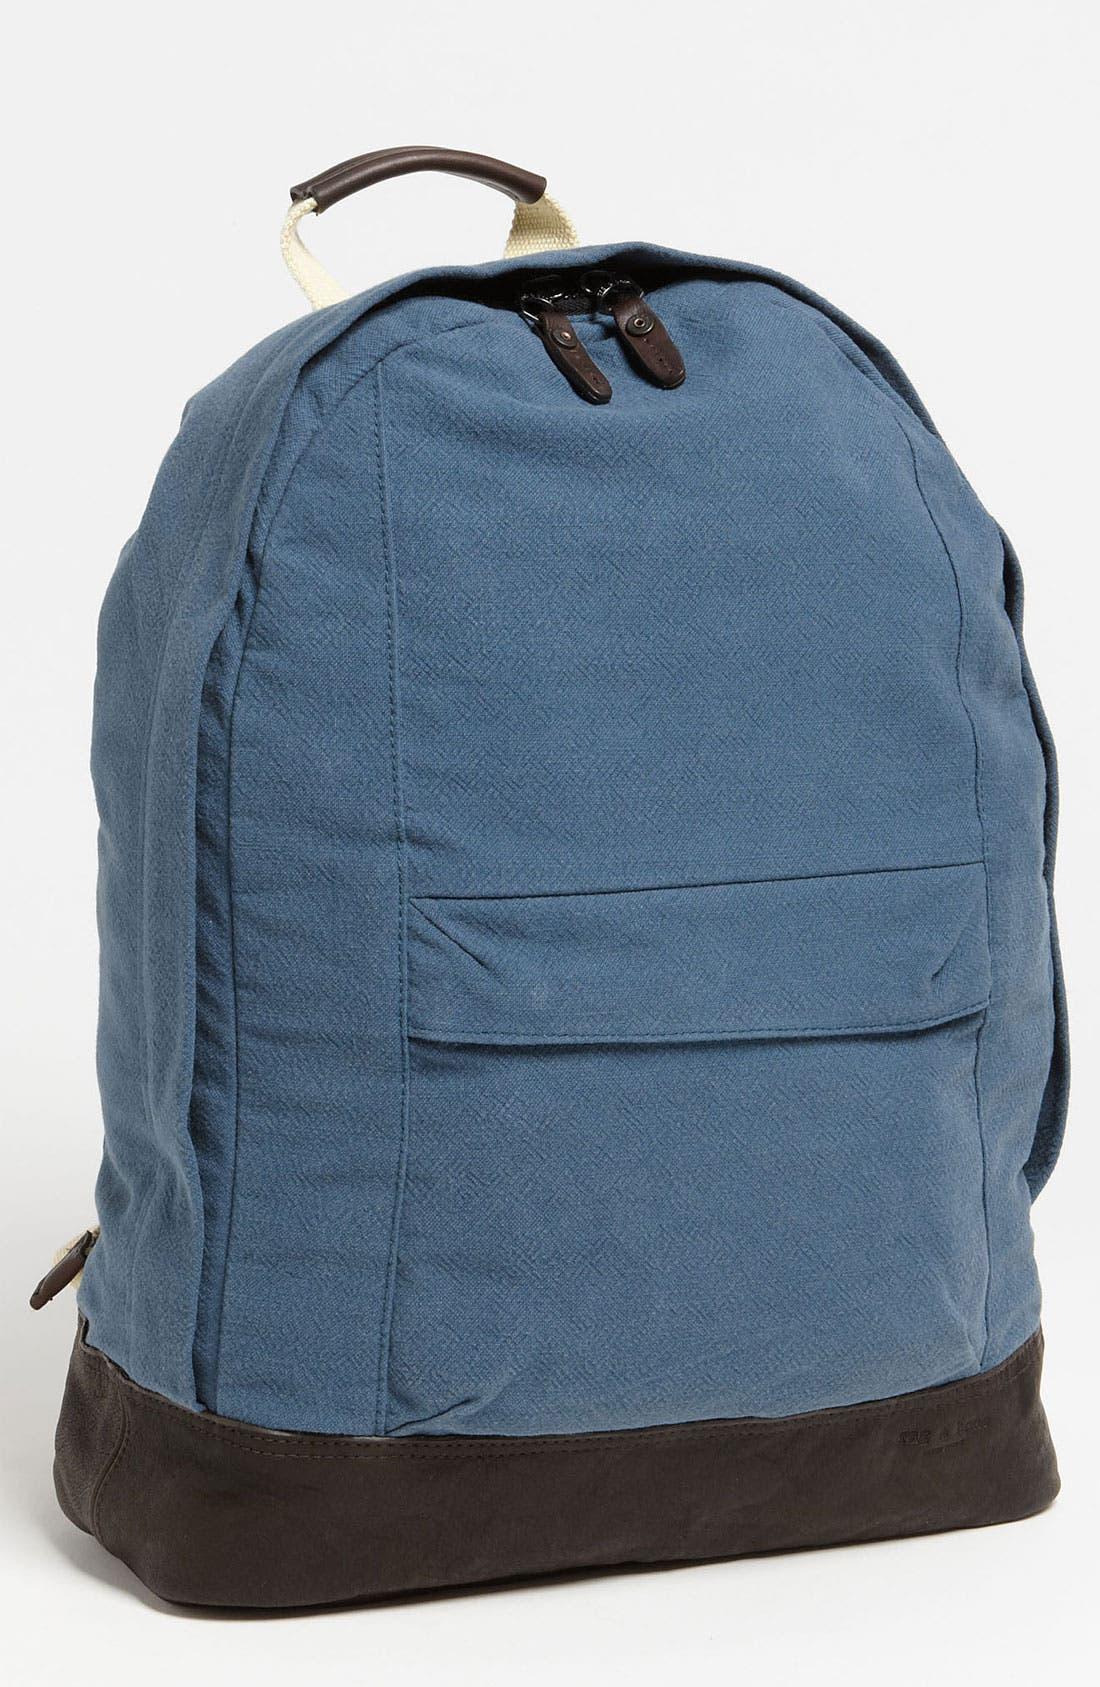 Alternate Image 1 Selected - rag & bone 'Simple' Backpack